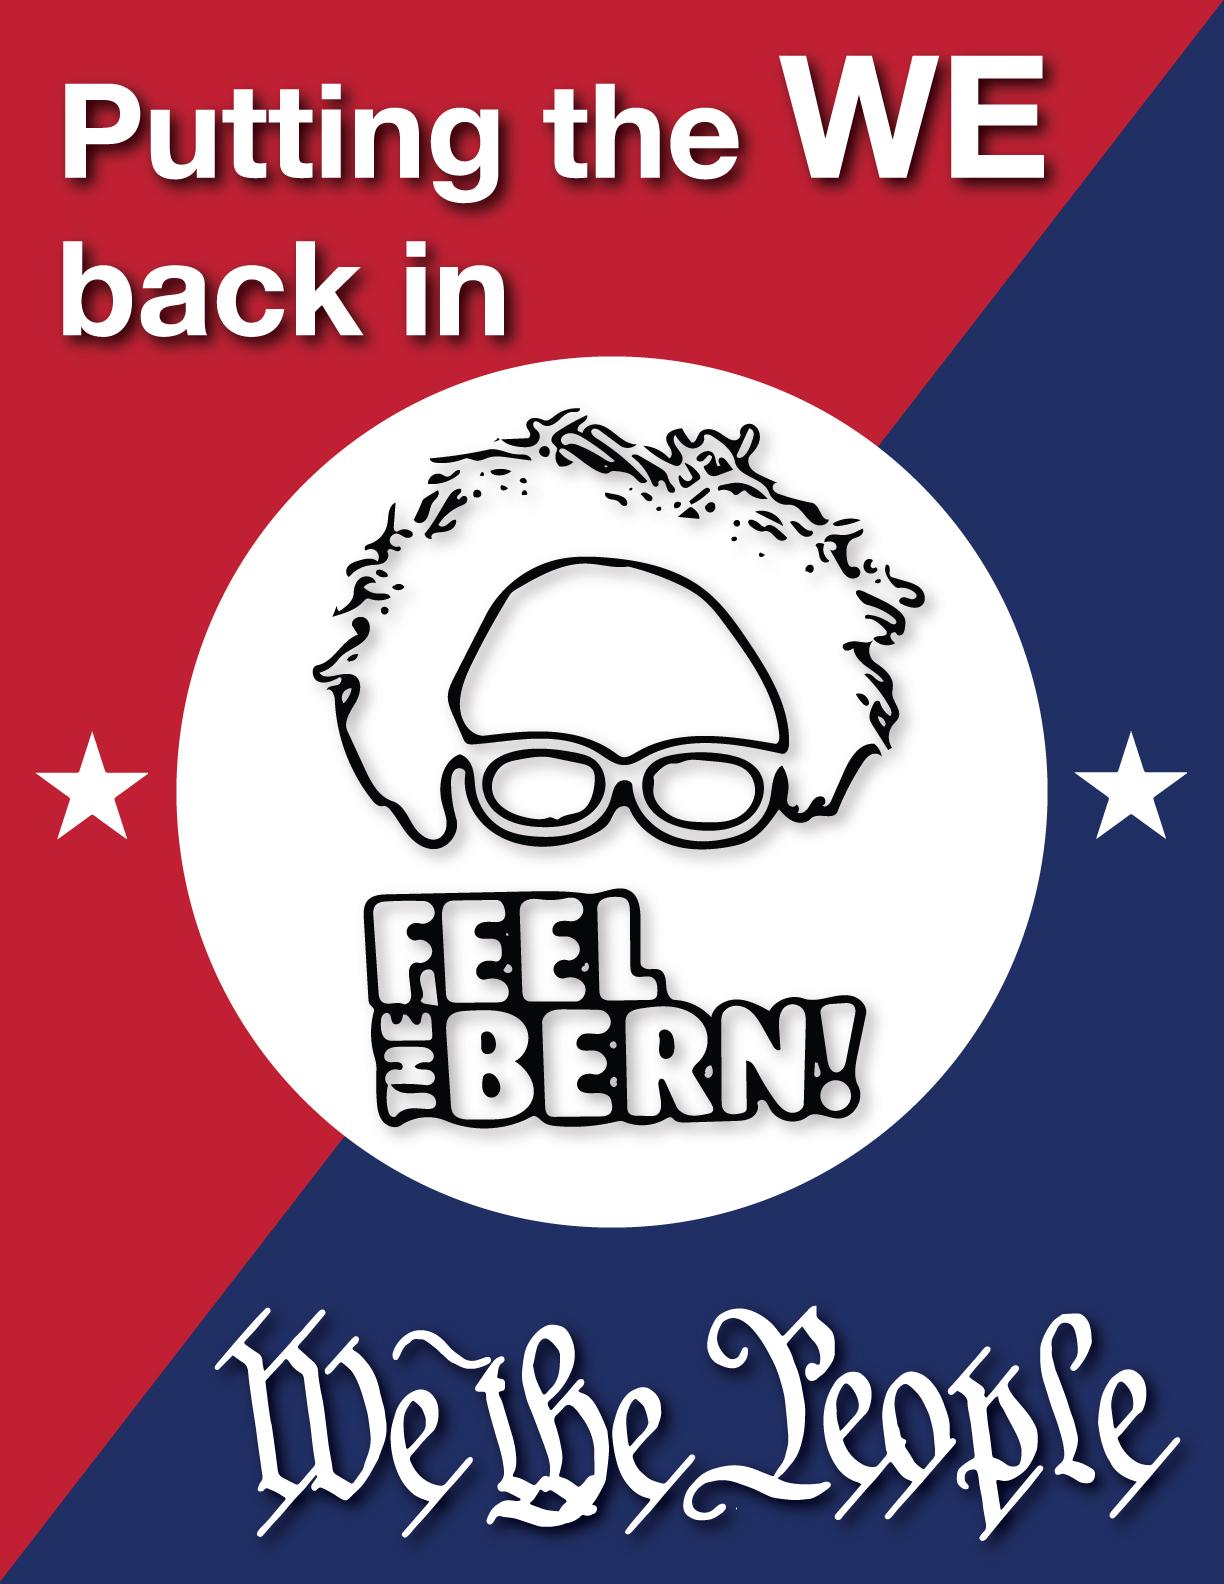 Bernie Sanders Putting We Back in We The People